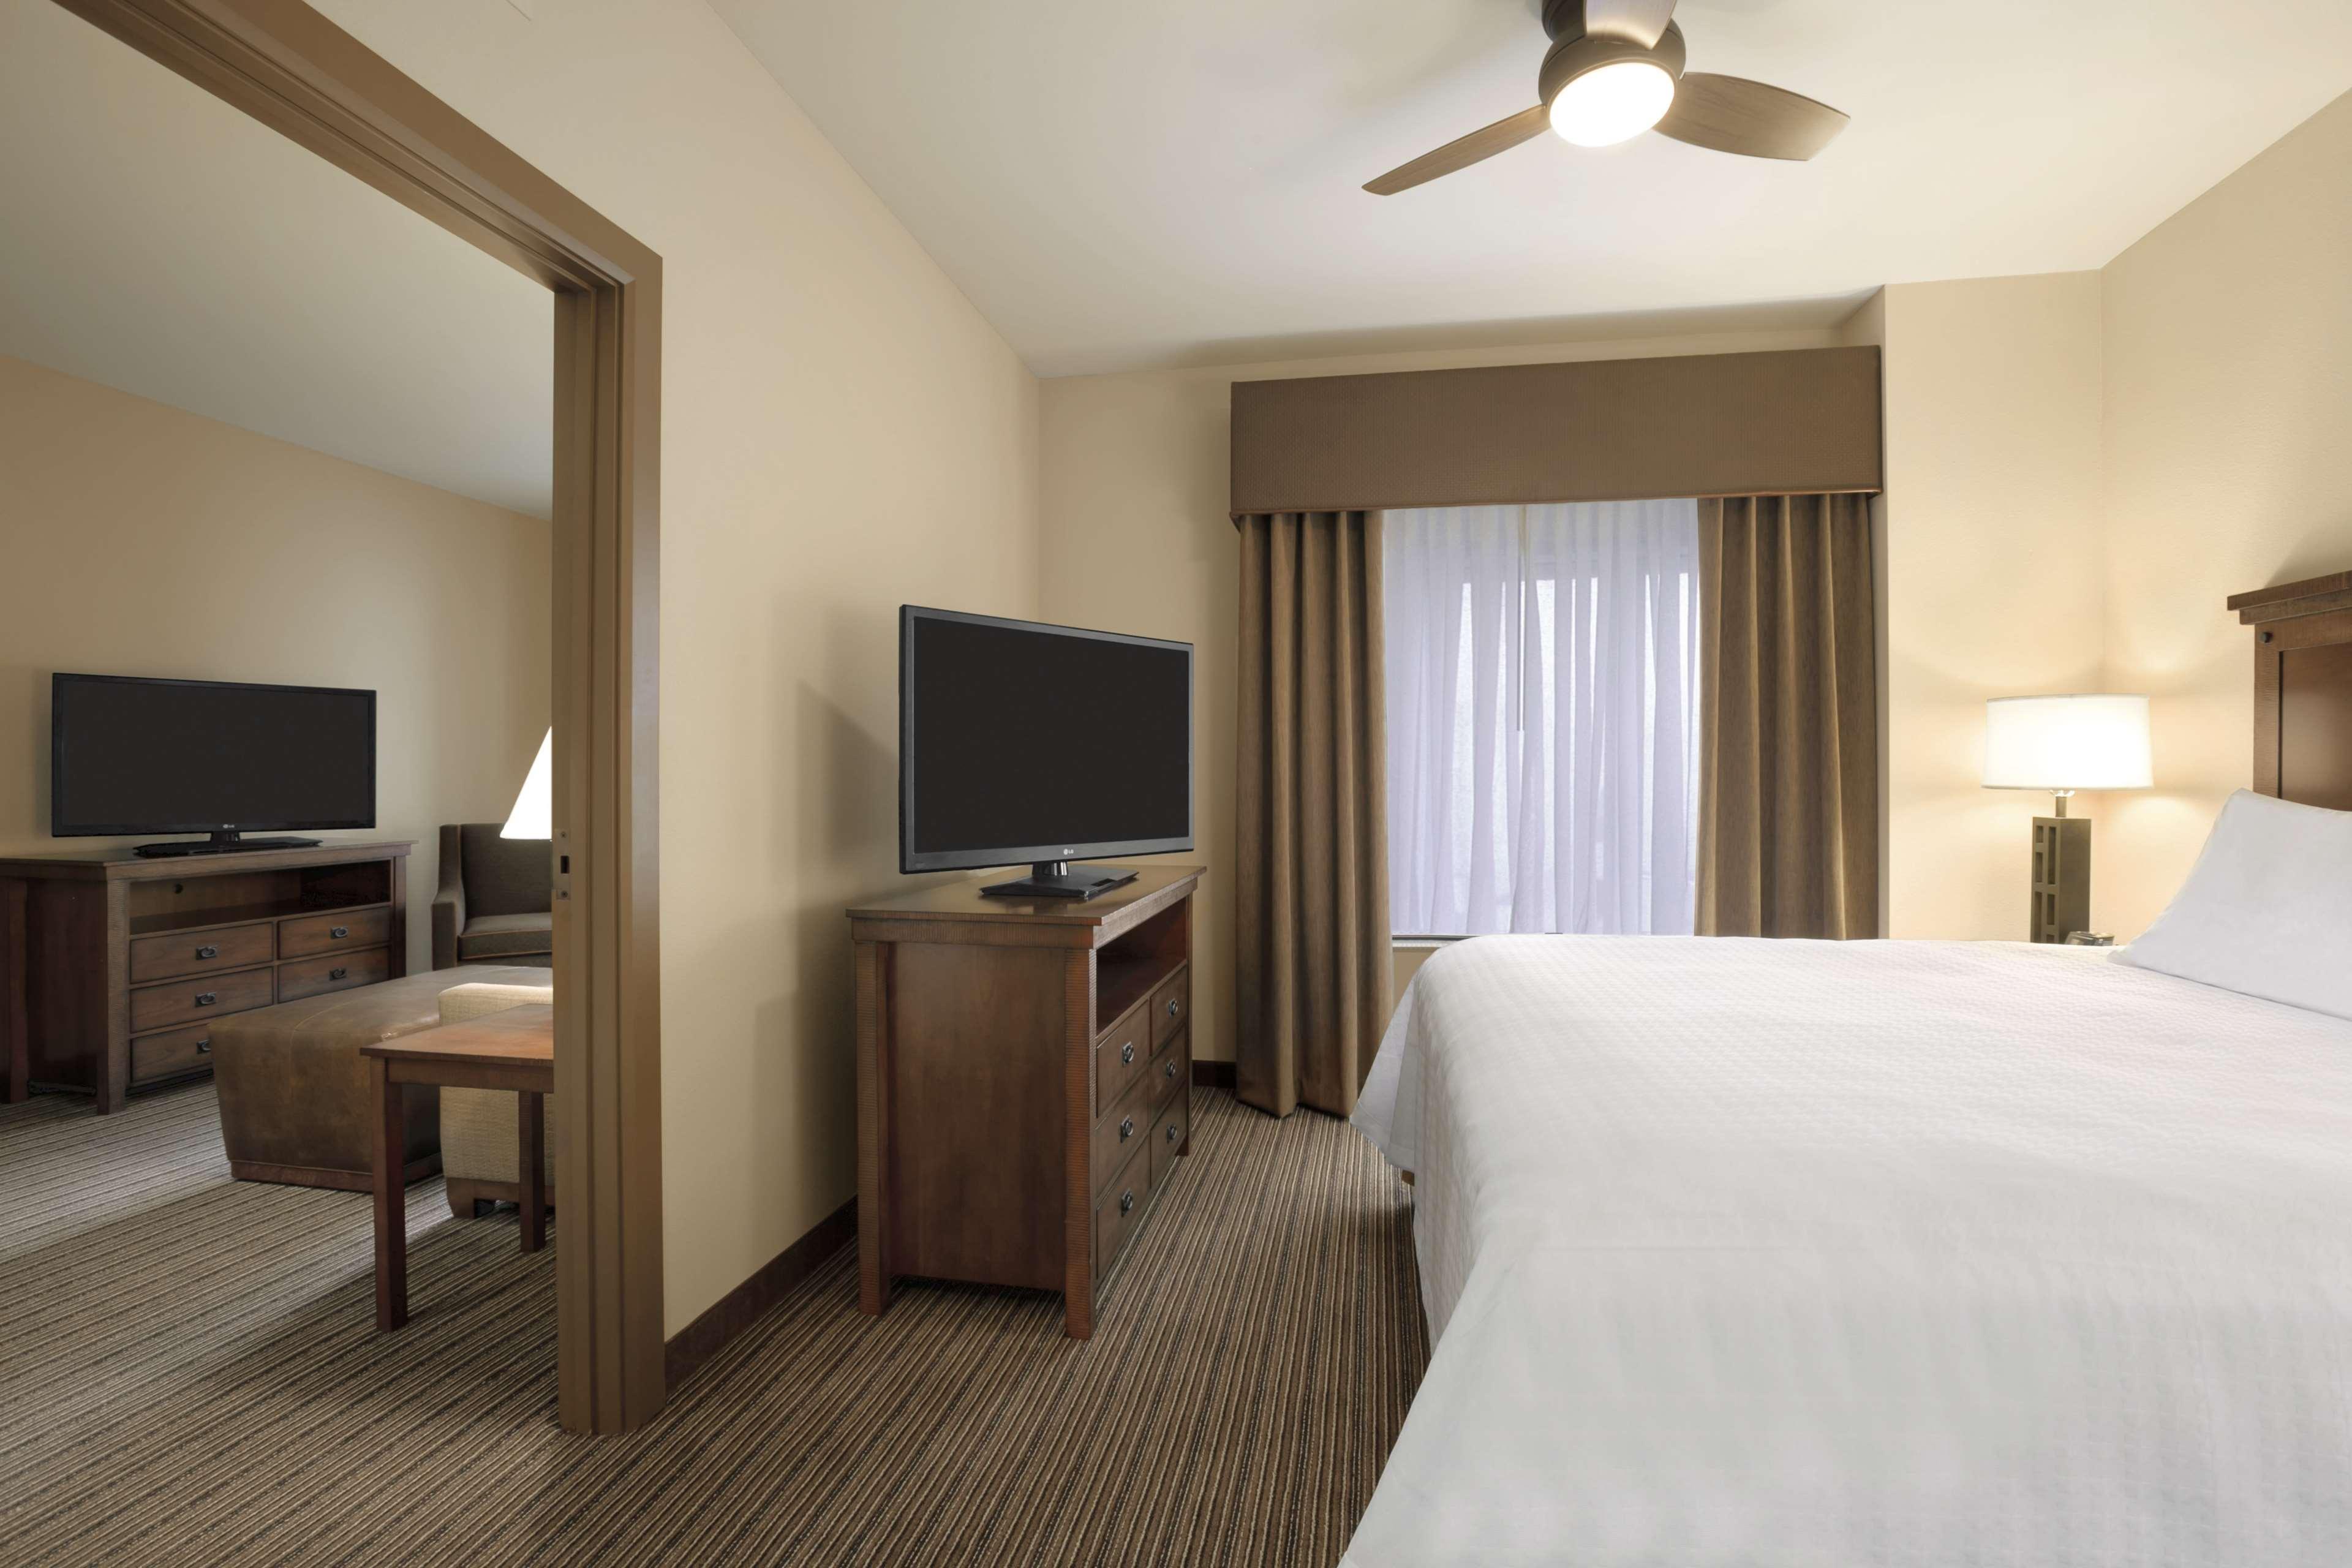 Homewood Suites by Hilton Kalispell, MT image 15